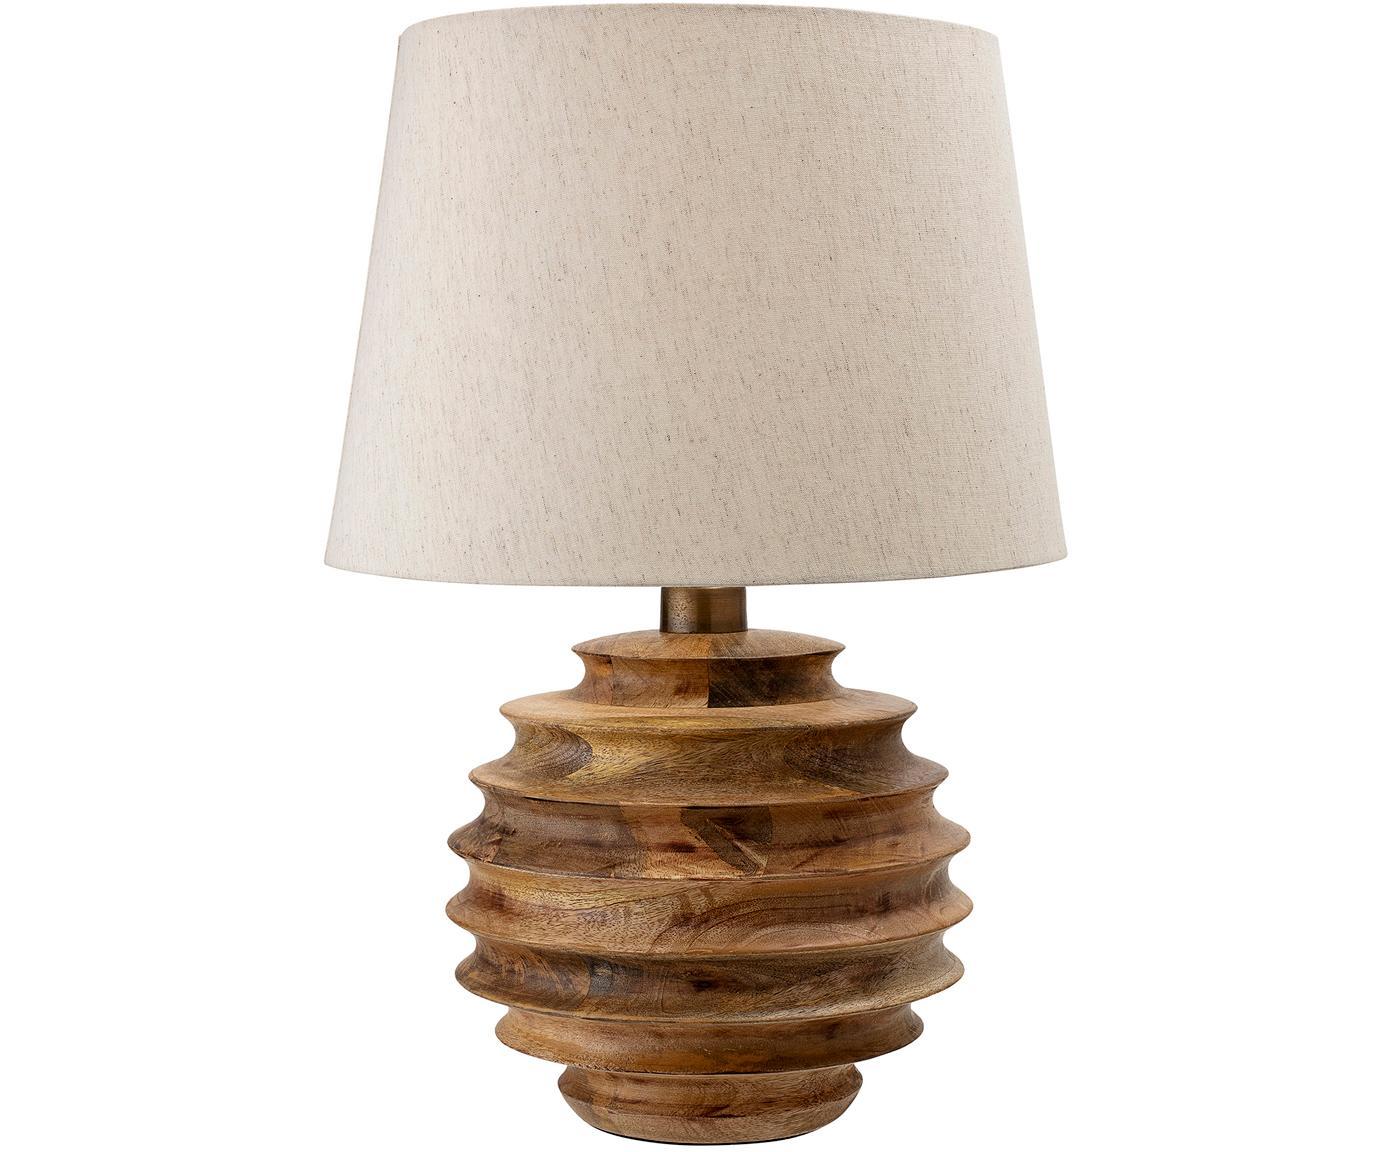 Lampada da tavolo in legno di mango Forsythia, Base della lampada: legno di mango, Paralume: cotone, Bianco, legno di mango, Ø 38 x Alt. 54 cm